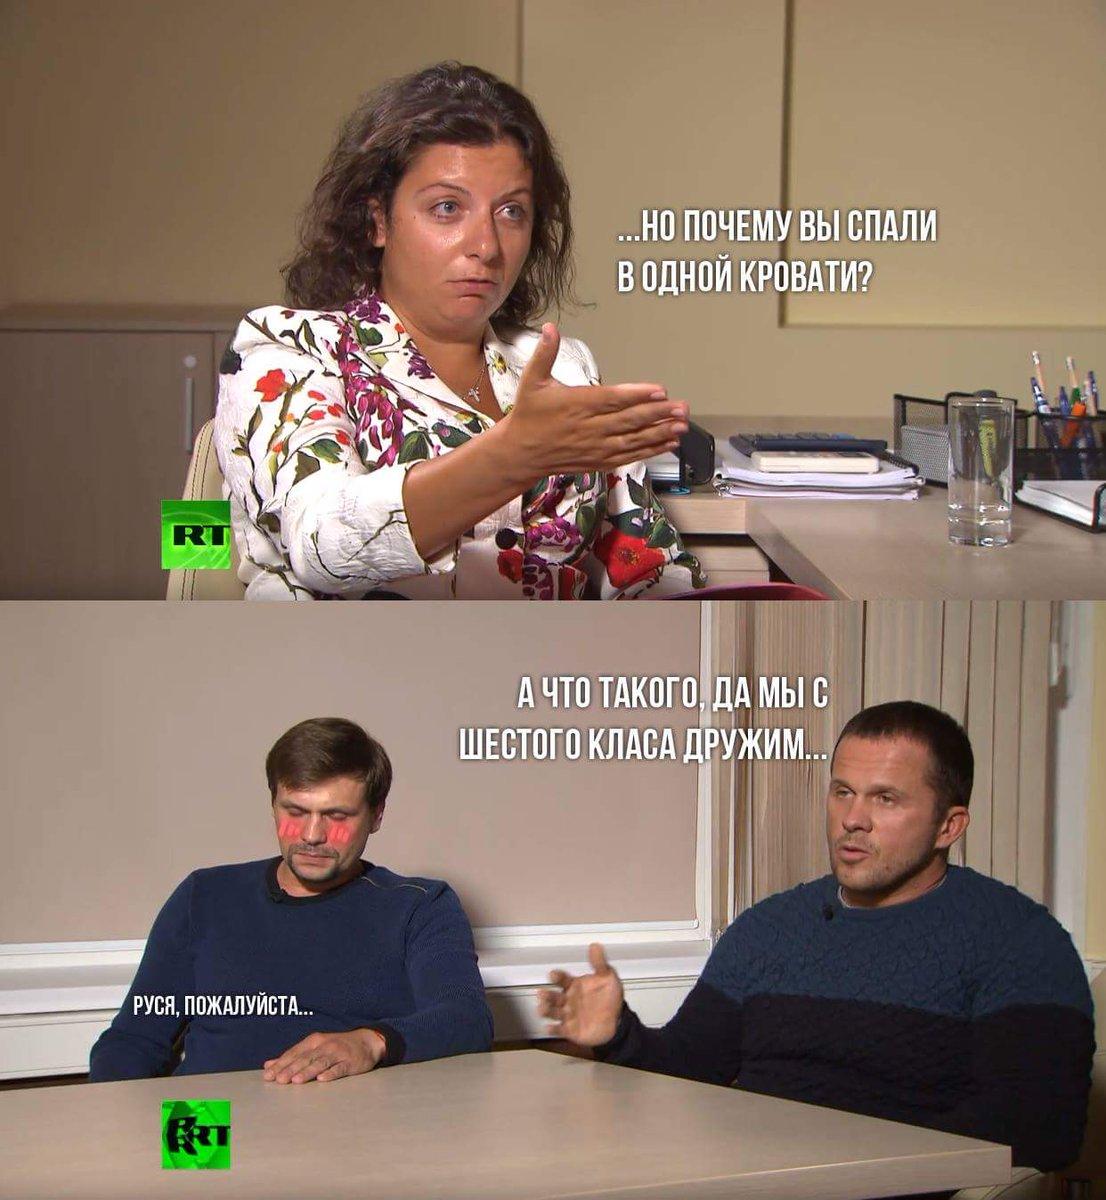 """""""Росія знову намагається заплутати питання і збрехати"""", - МЗС Великої Британії про інтерв'ю підозрюваних в отруєнні Скрипаля - Цензор.НЕТ 623"""